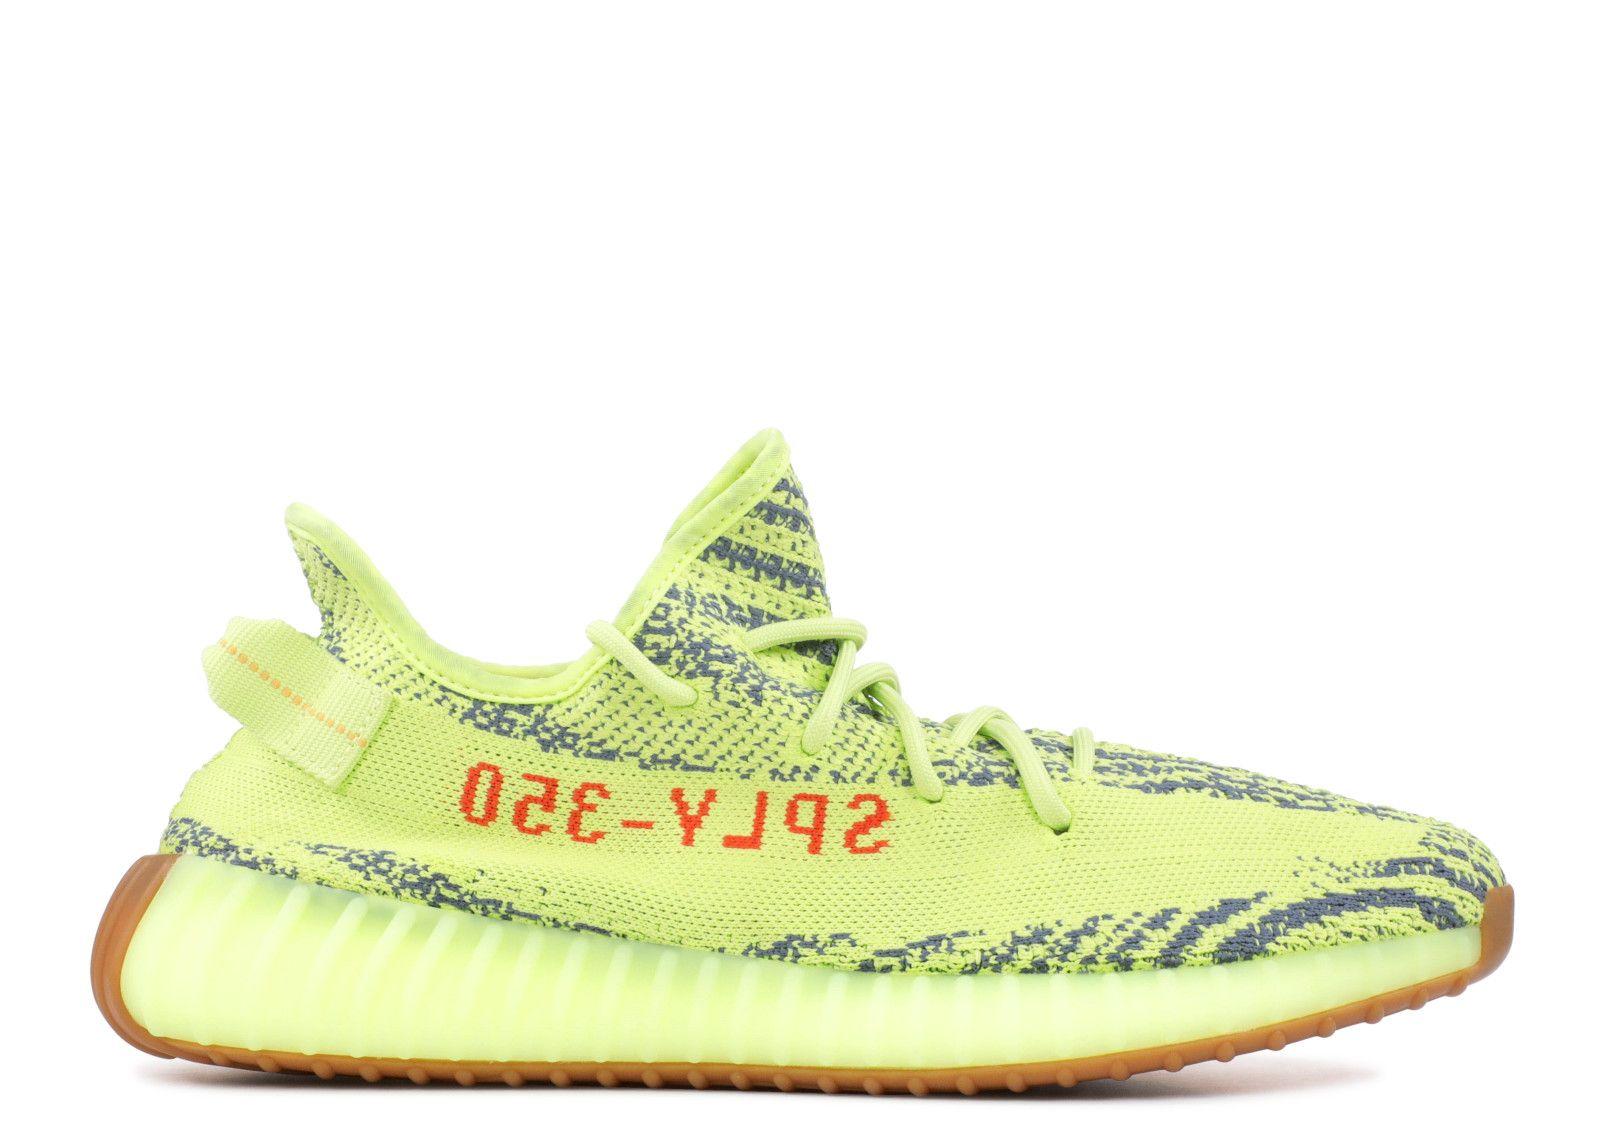 Adidas Yeezy Boost 350 V2 Frozen Yellow Yeezy Adidas Yeezy Boost Adidas Yeezy Boost 350